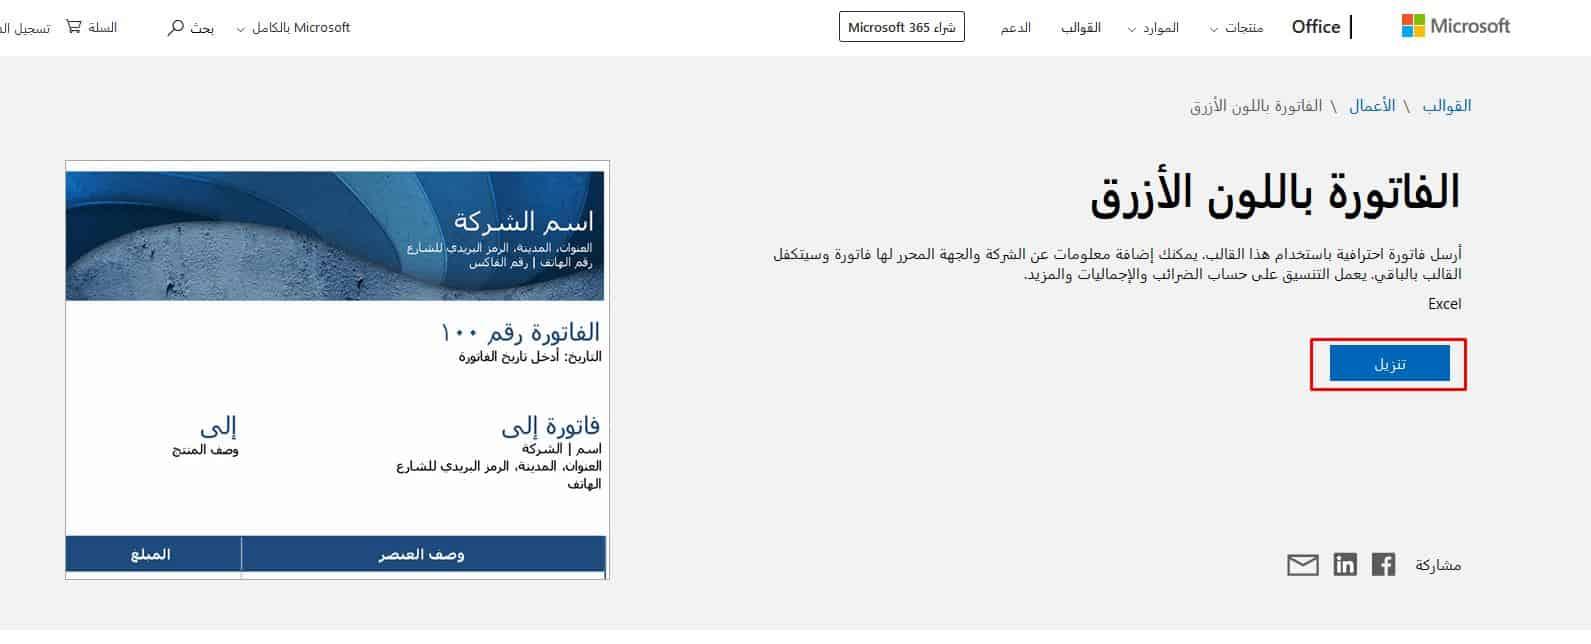 تحميل نماذج جداول Excel جاهزة عربي جديدة 2021